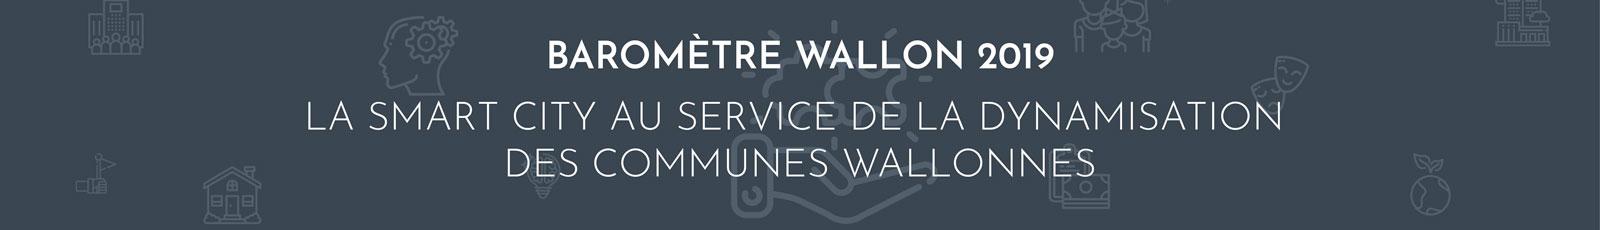 19-10-09-Barometre-wallon-19-1600px